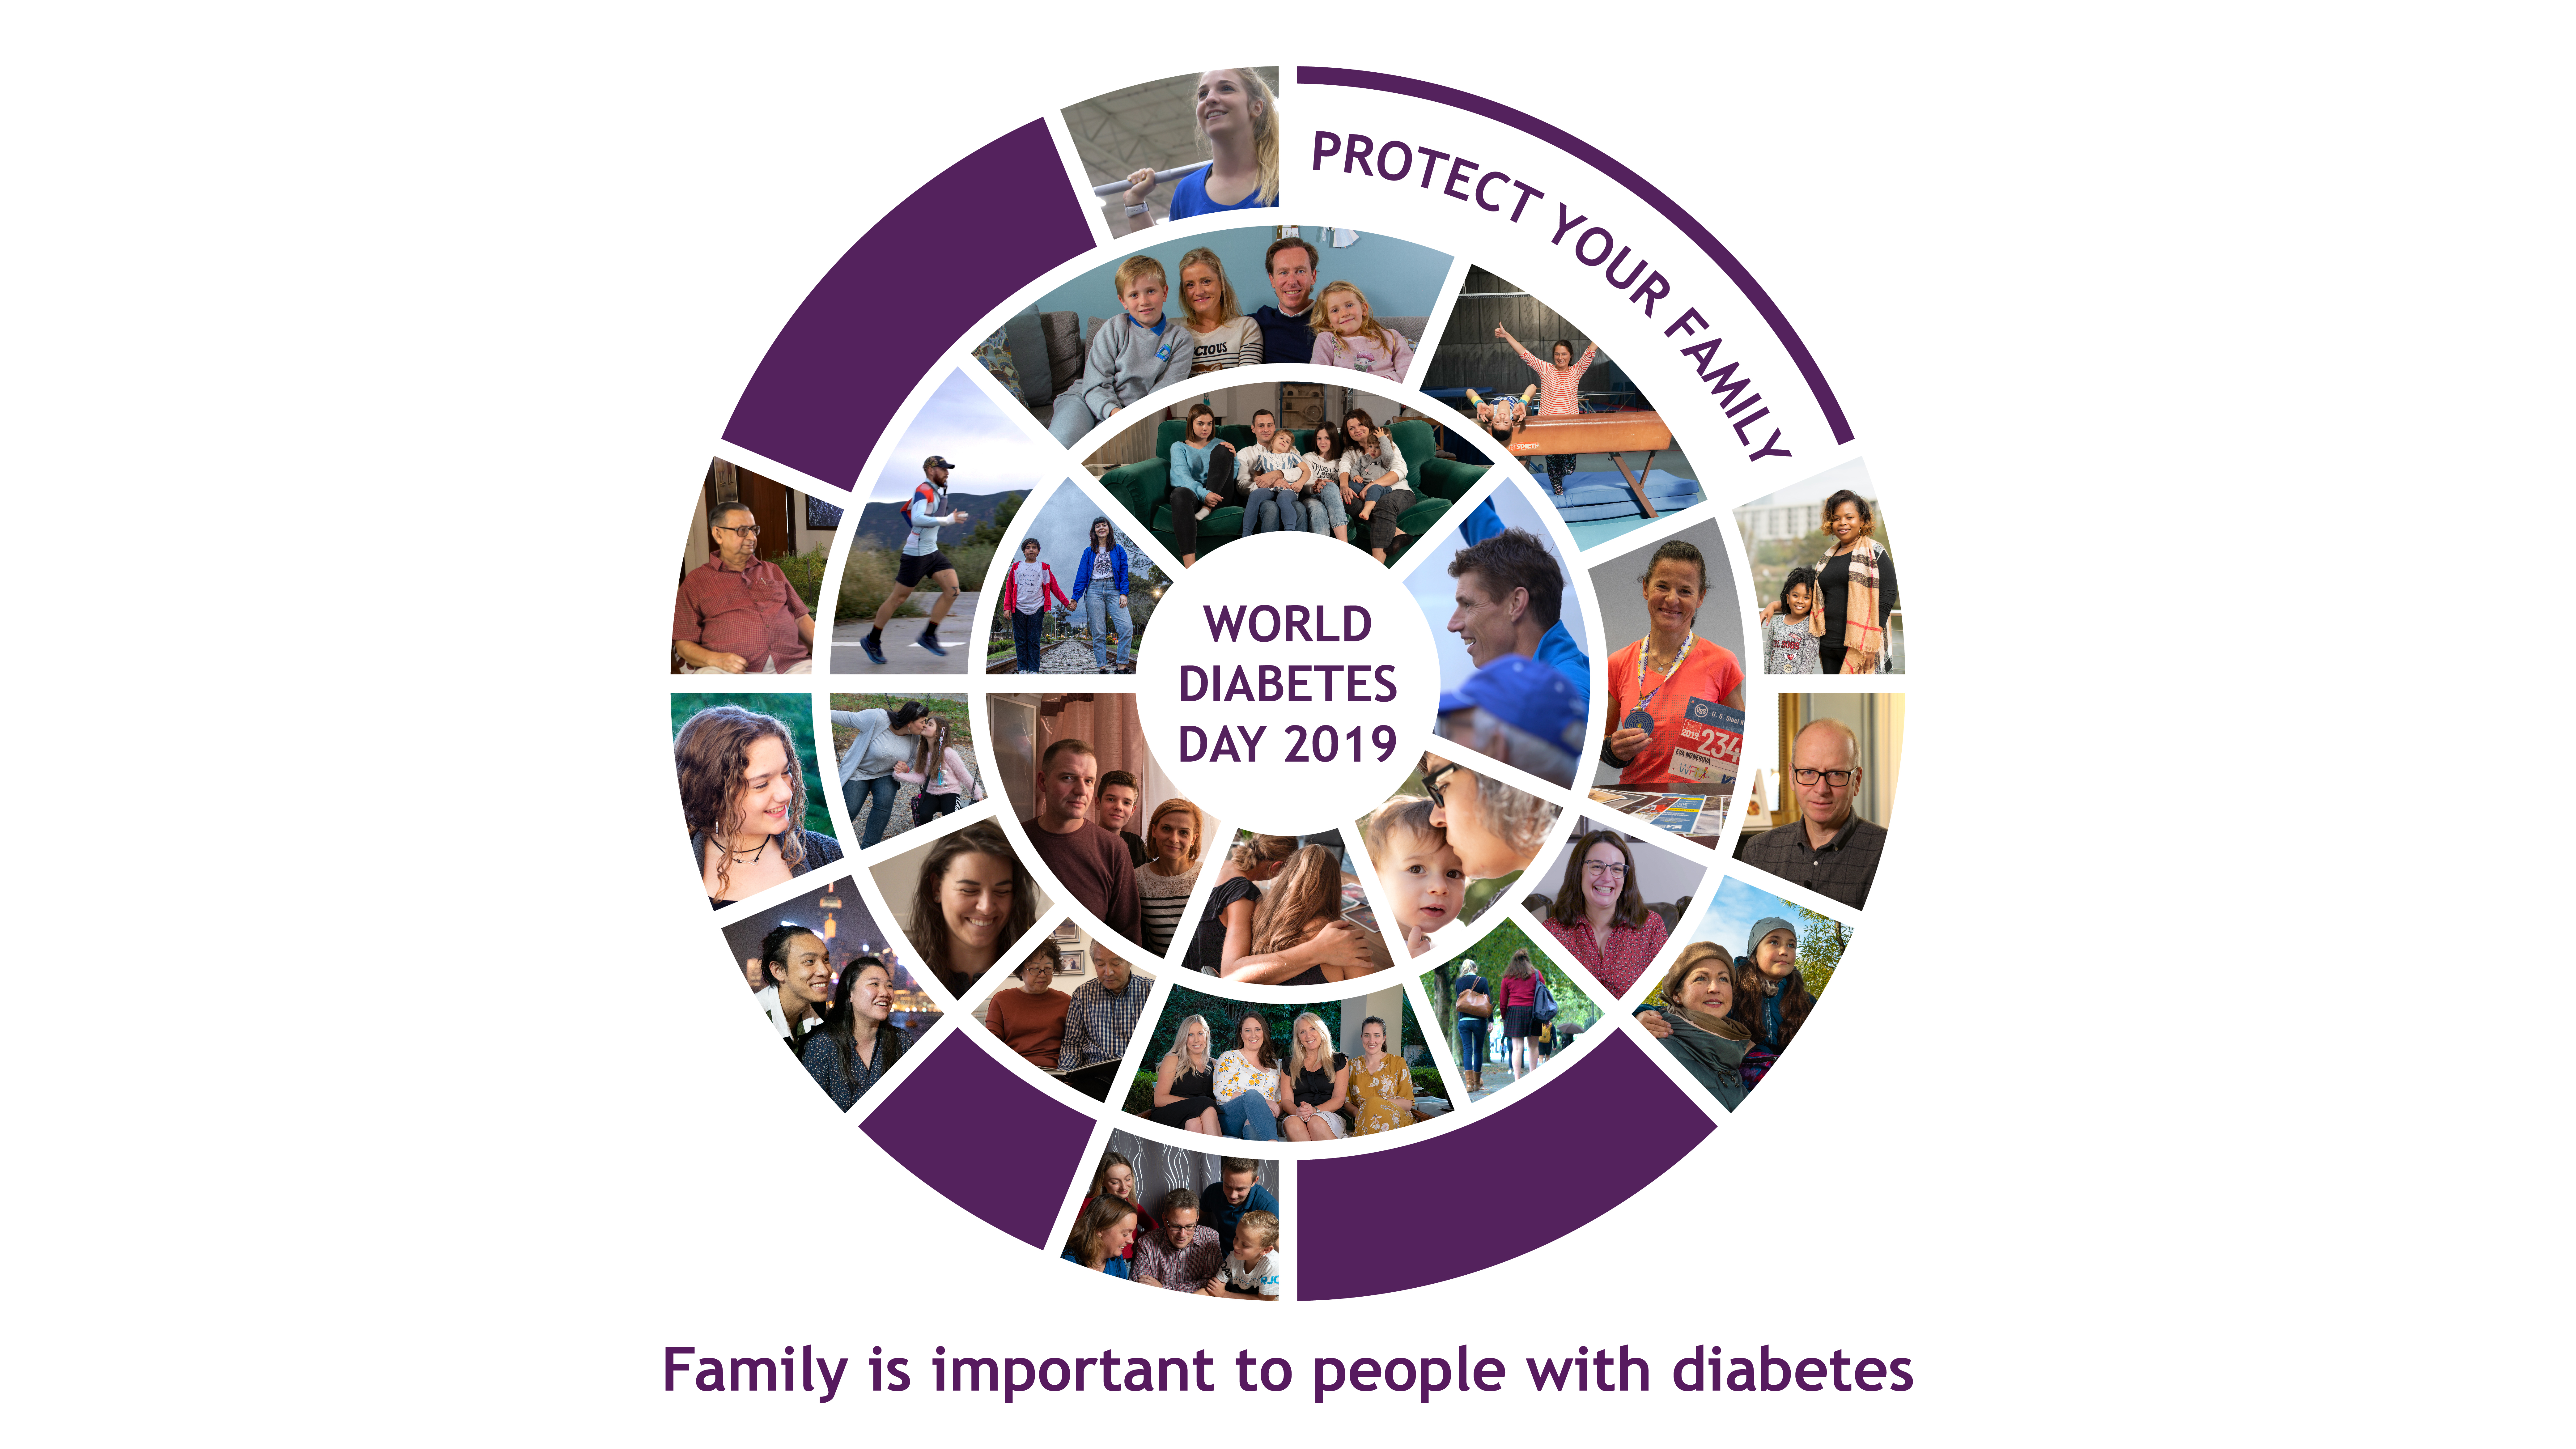 diferencia entre diabetes tipo 1 y diabetes tipo 2 deutsch